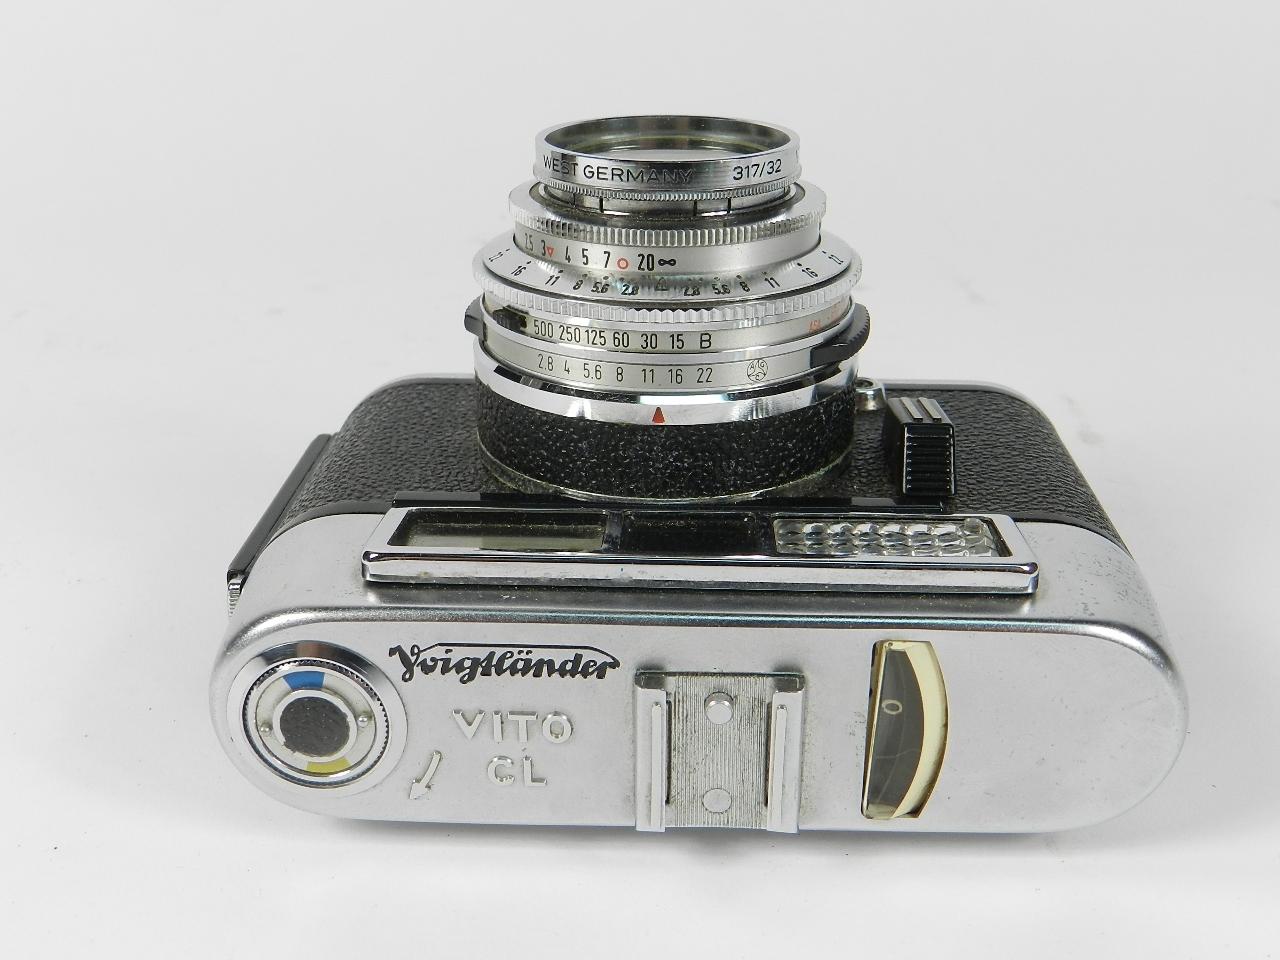 Imagen CÁMARA VOIGTLANDER VITO CL AÑO 1960 32258